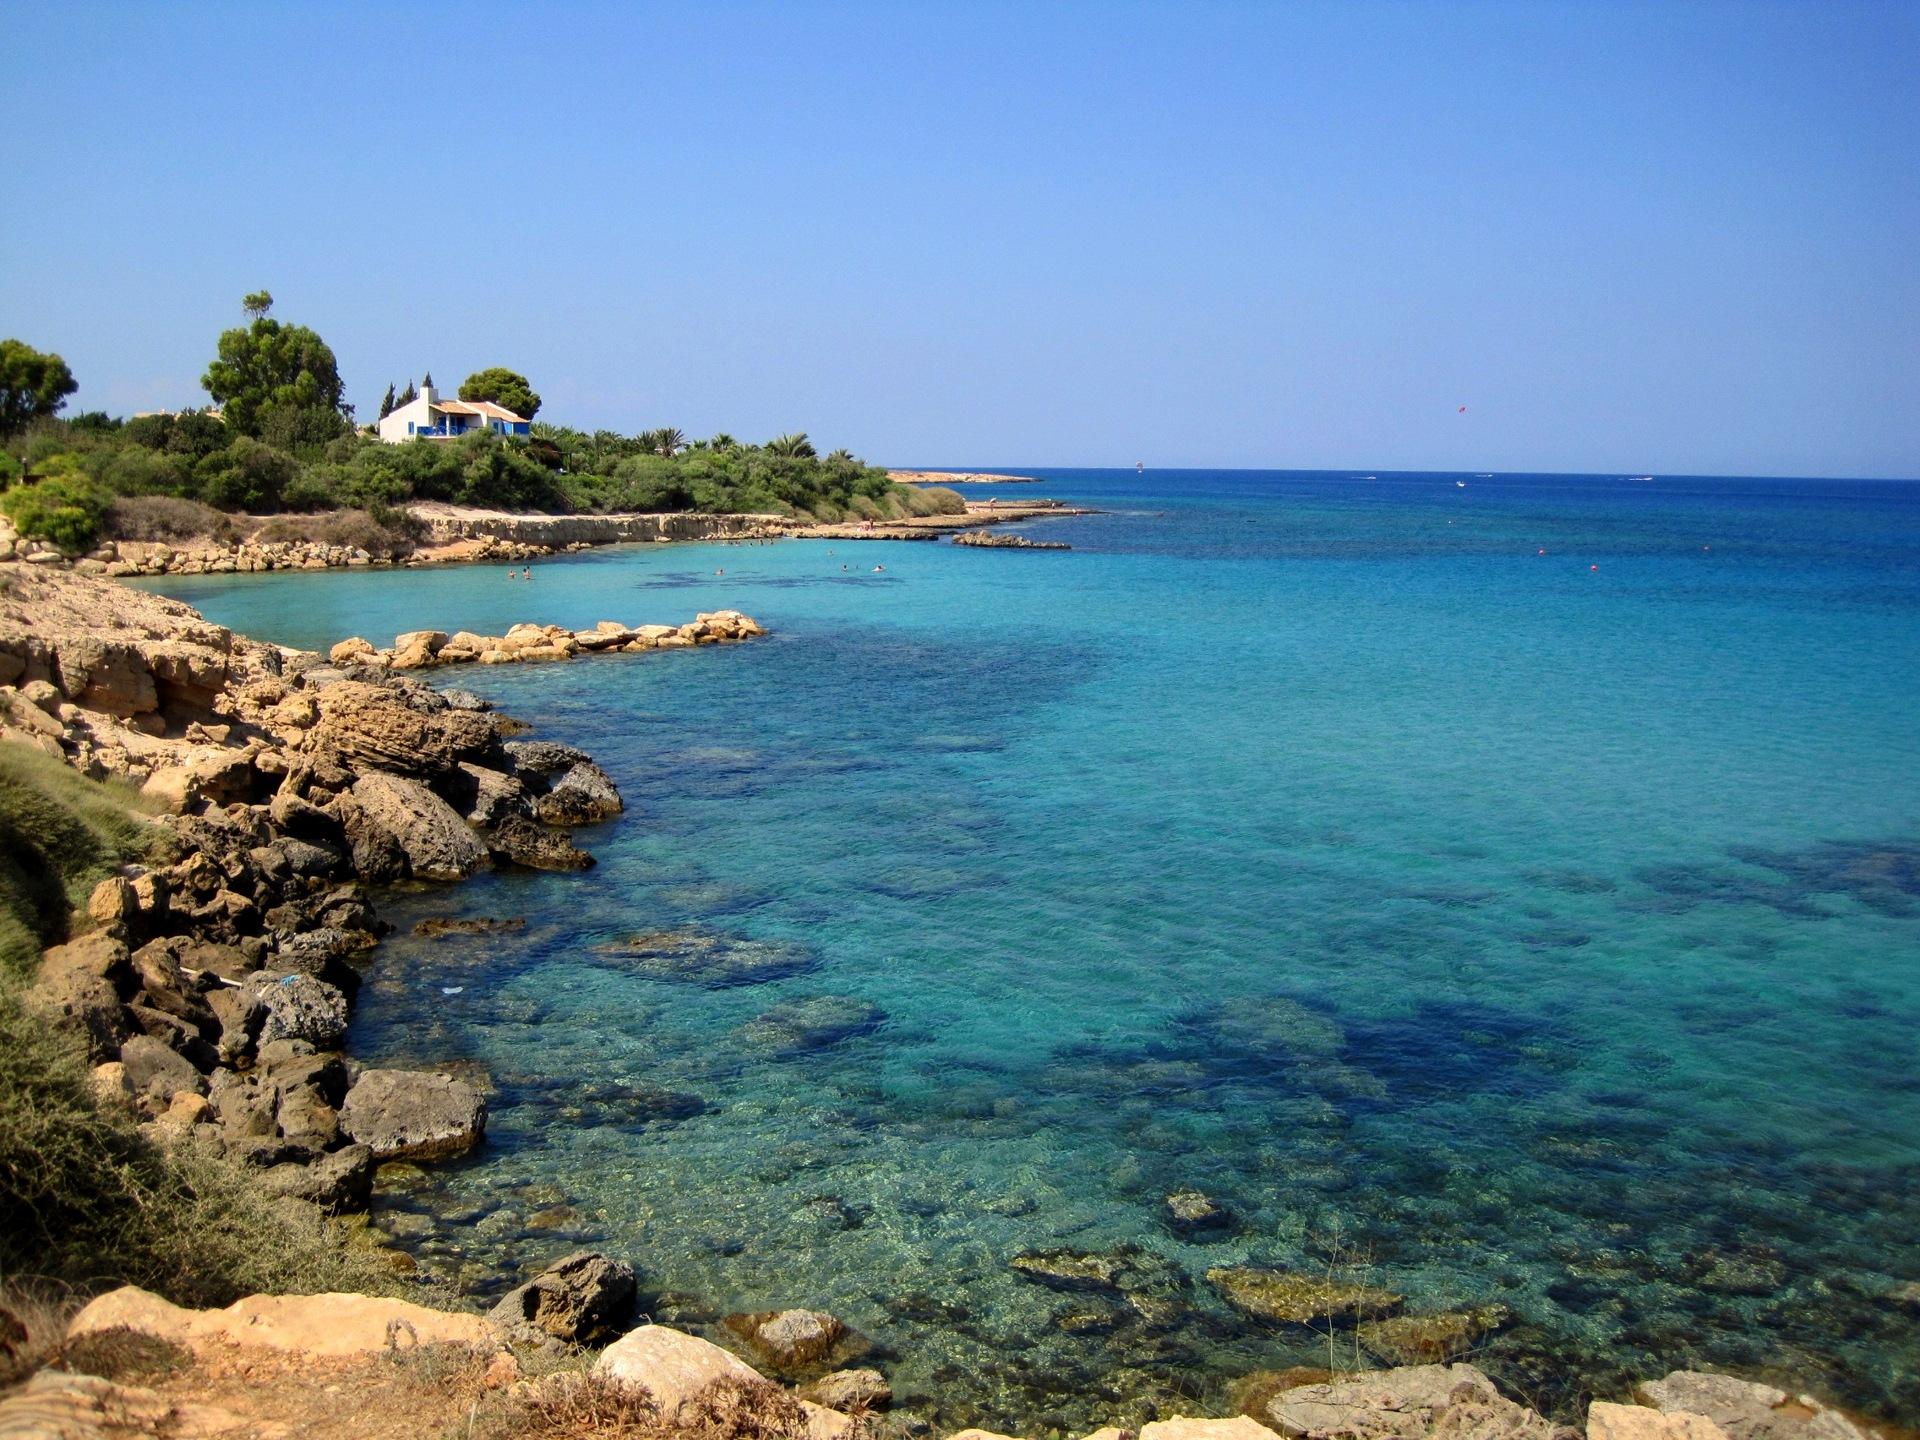 то, северный кипр фото туристов расписанный камень